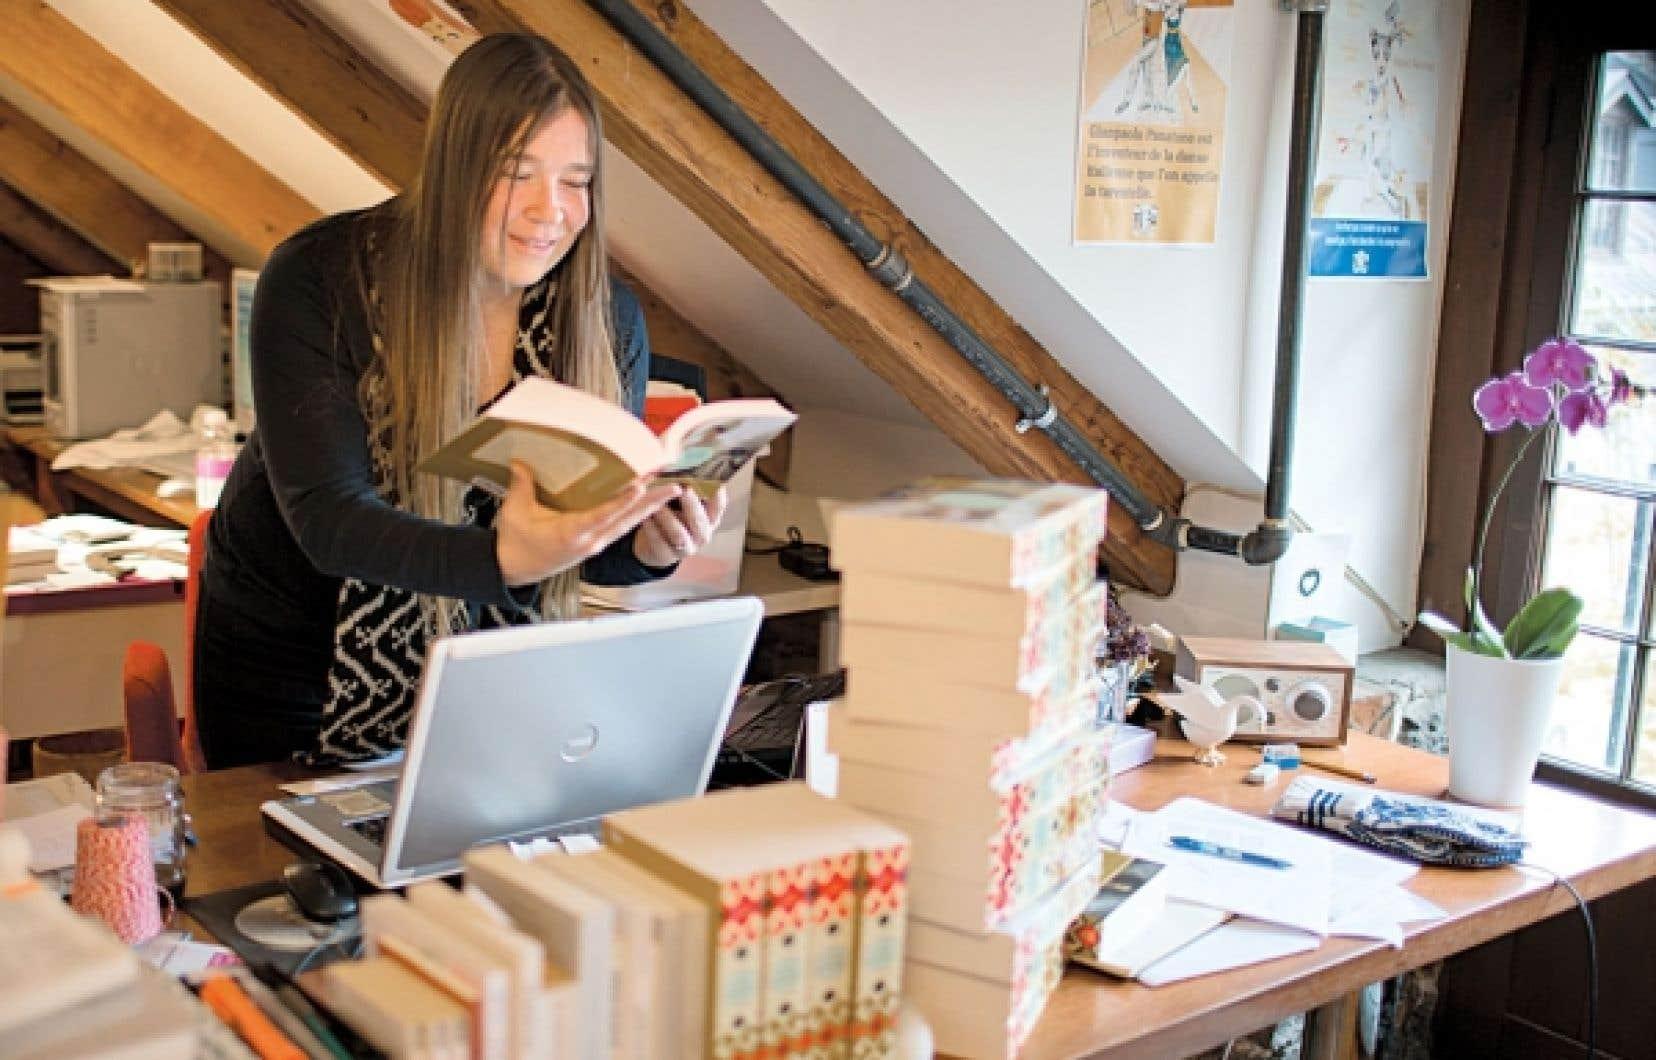 Mélanie Vincelette, éditrice de la maison Marchand de feuilles, aux ouvrages toujours ciselés.